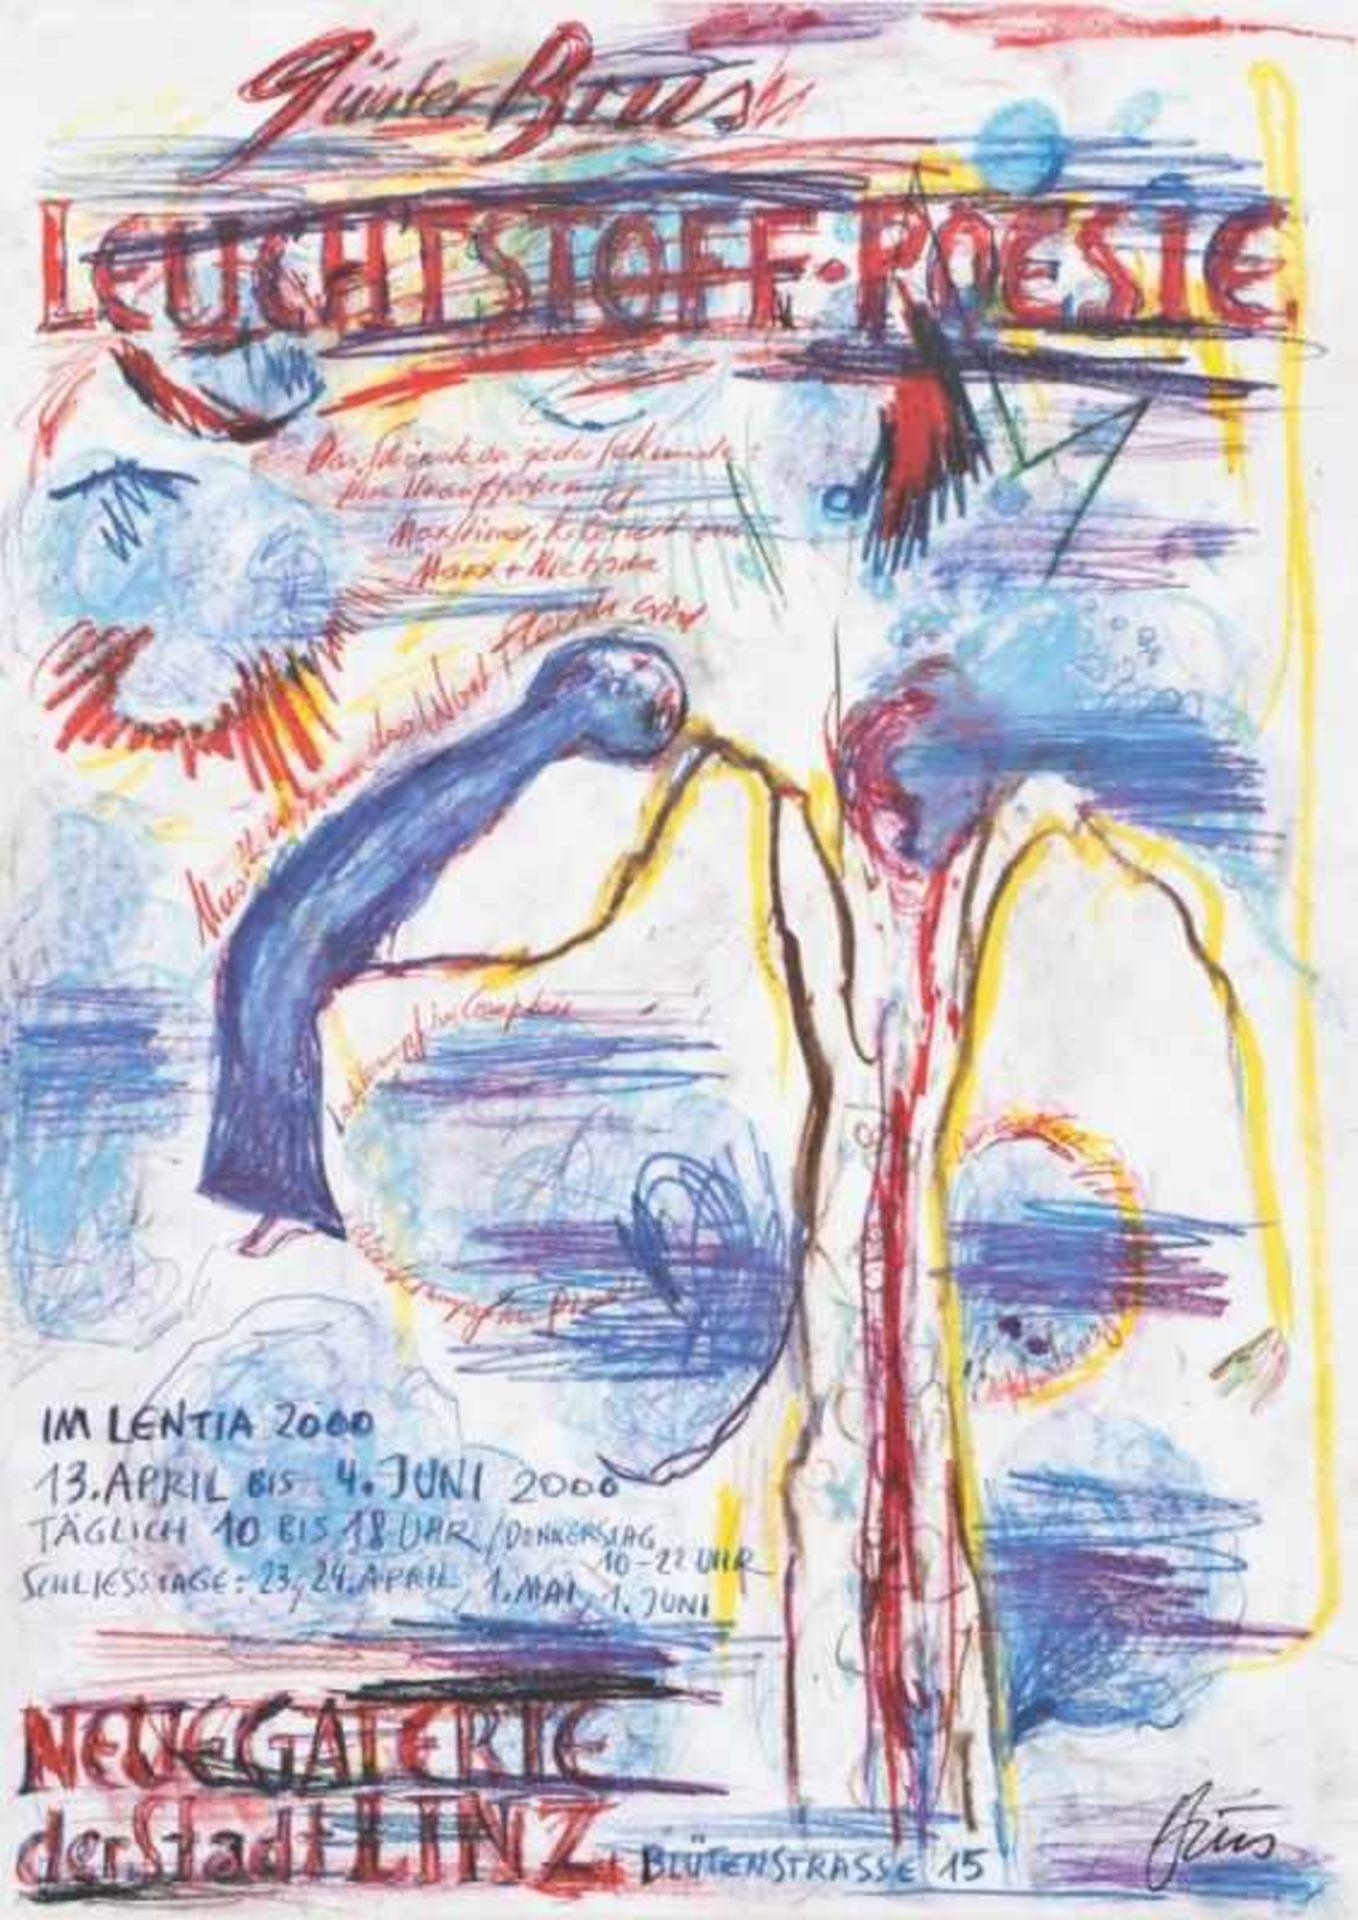 Los 60 - GÜNTER BRUS(1938 ARDNING)LEUCHTSTOFF-POESIE, 2000Plakatdruck auf dünnem Kartonpapier, 84,5 x 60